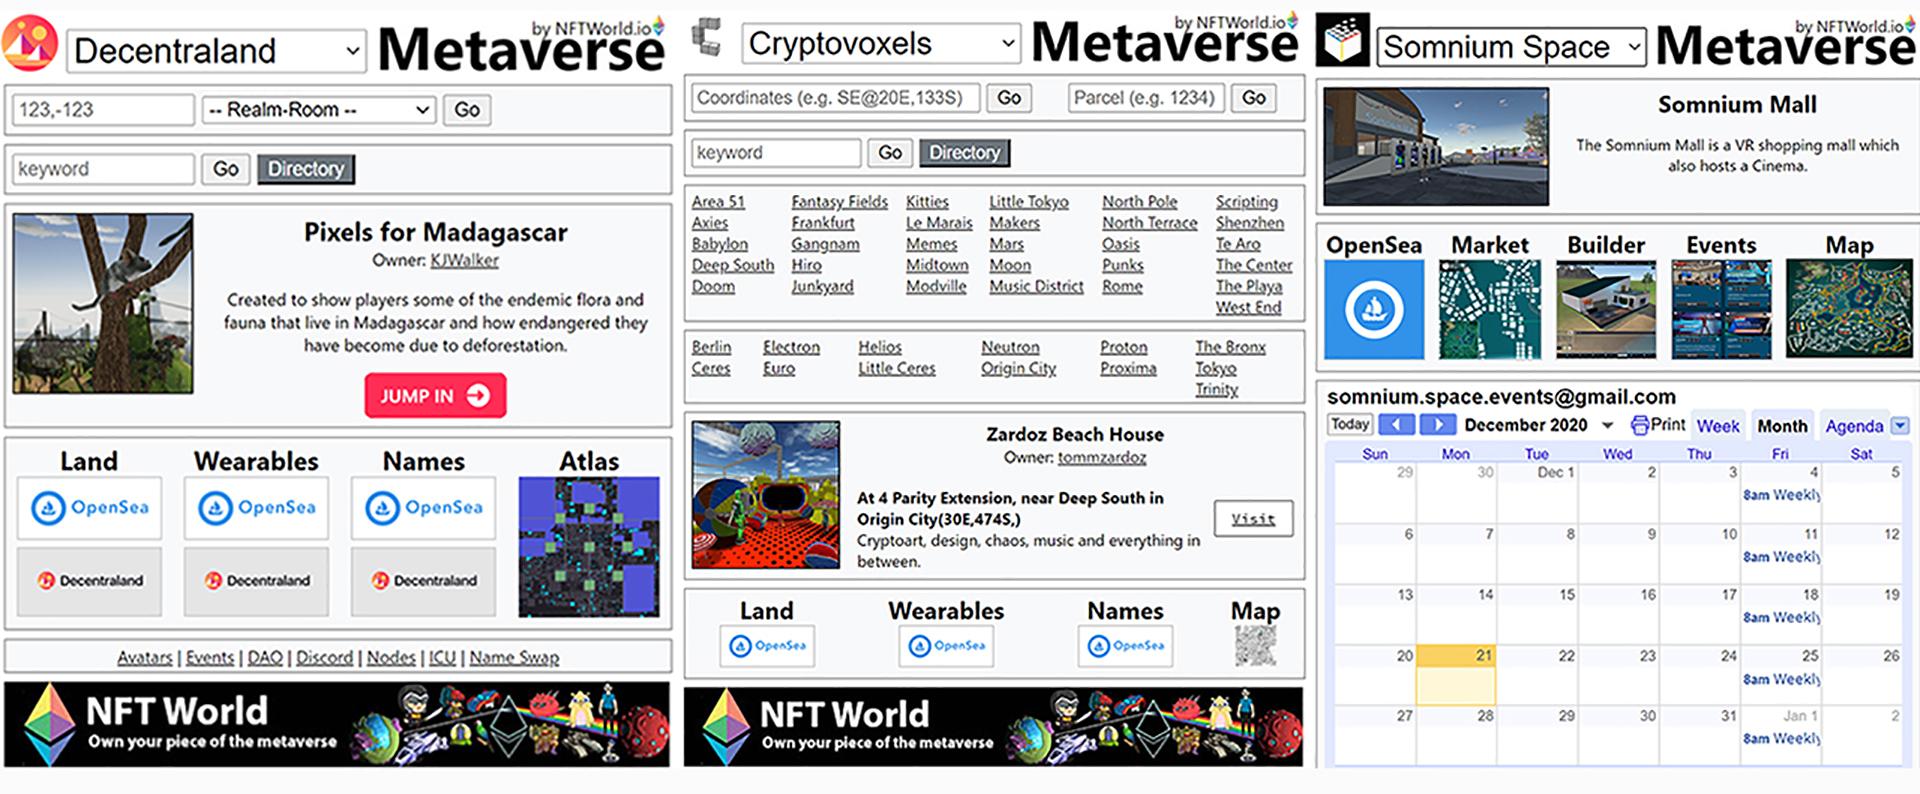 Metaverse_1920x794